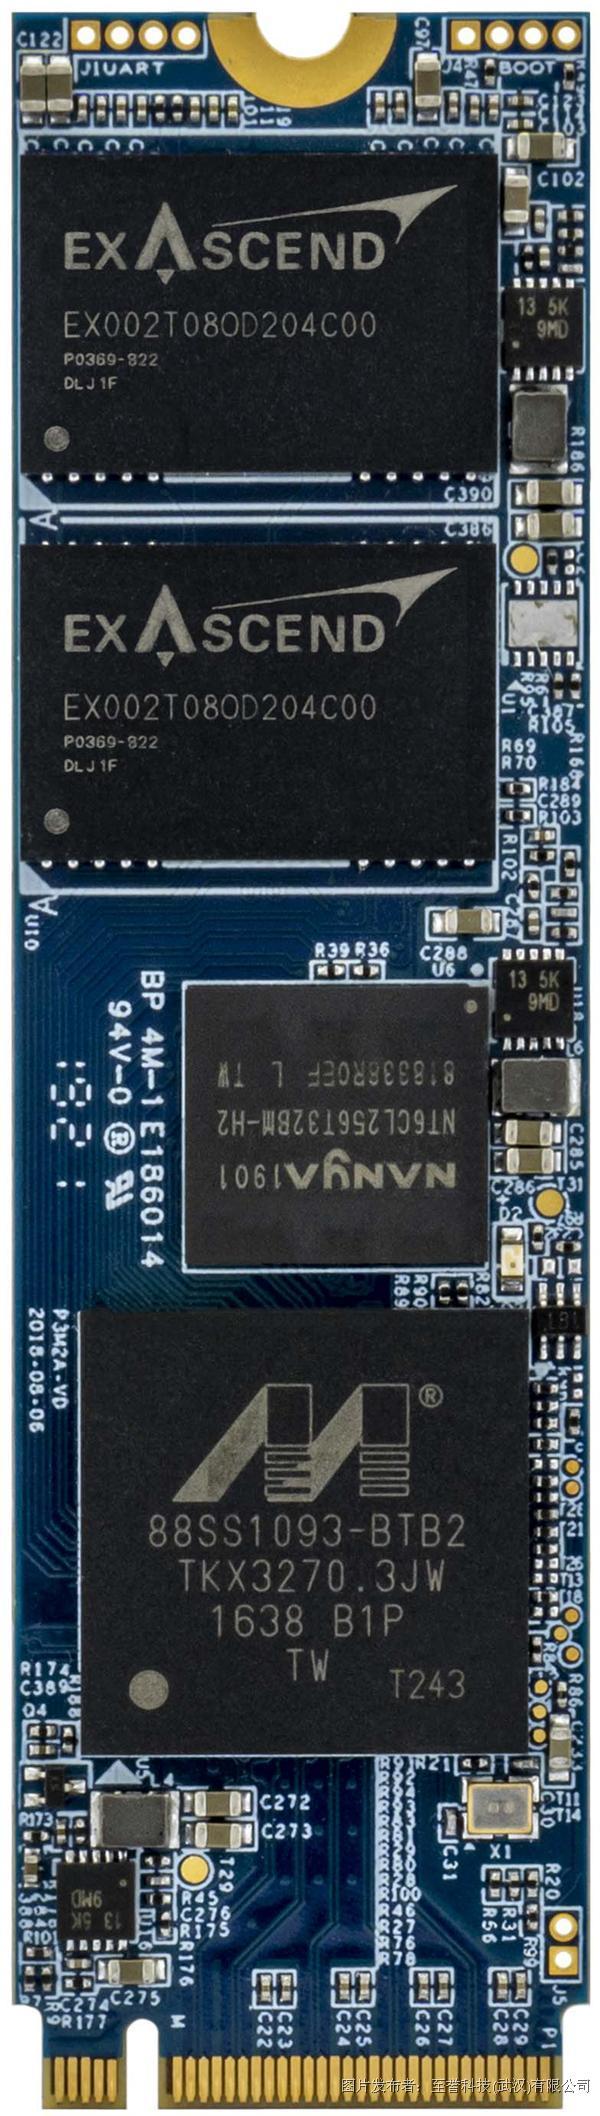 至誉科技   PCIe Gen3x4 SSD 工业级 PI3 系列